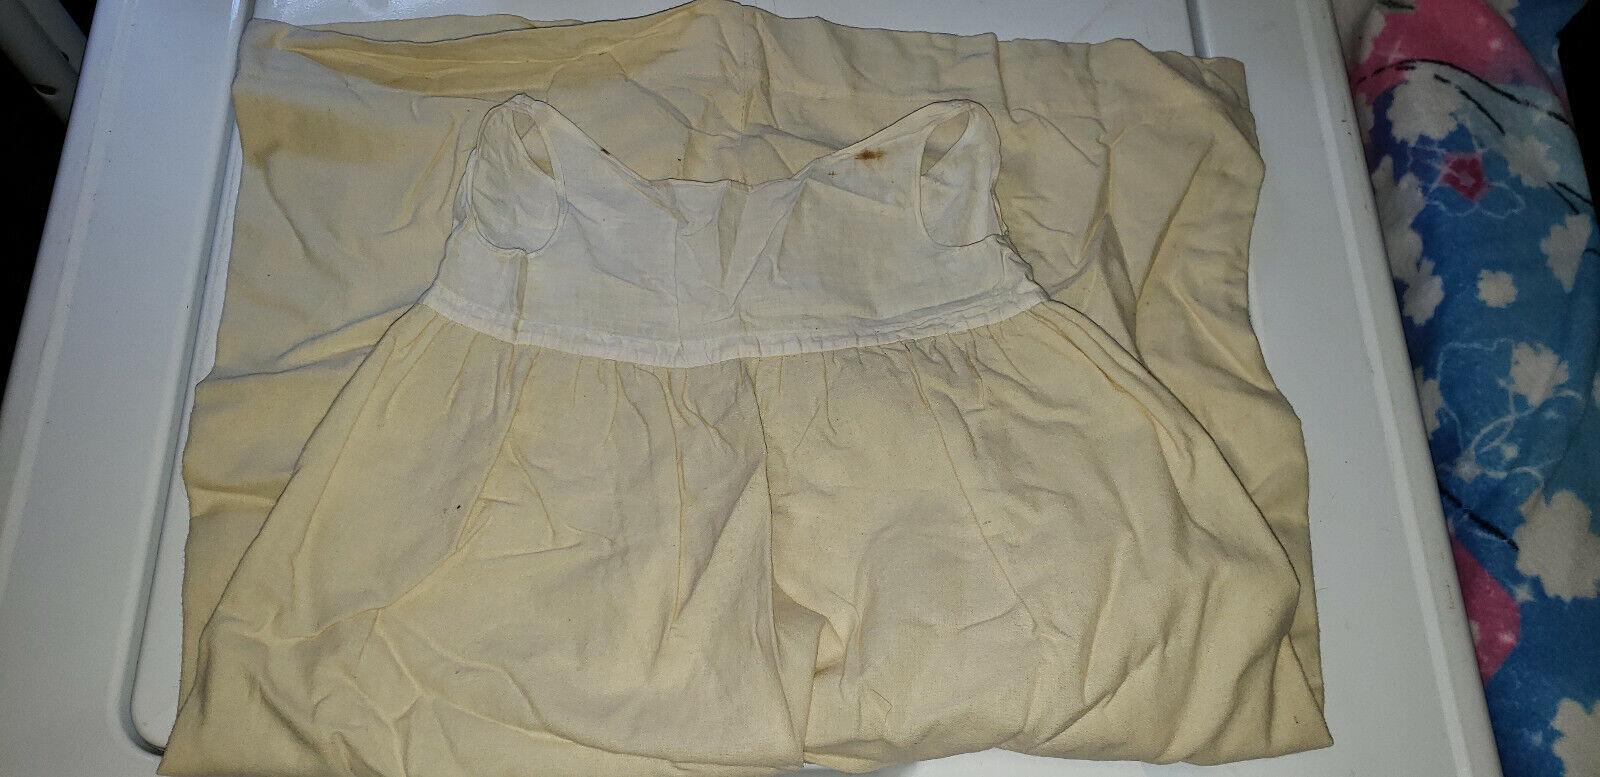 19th Century Victorian Era Children's Girls Prairie Dress Slip Undergarment